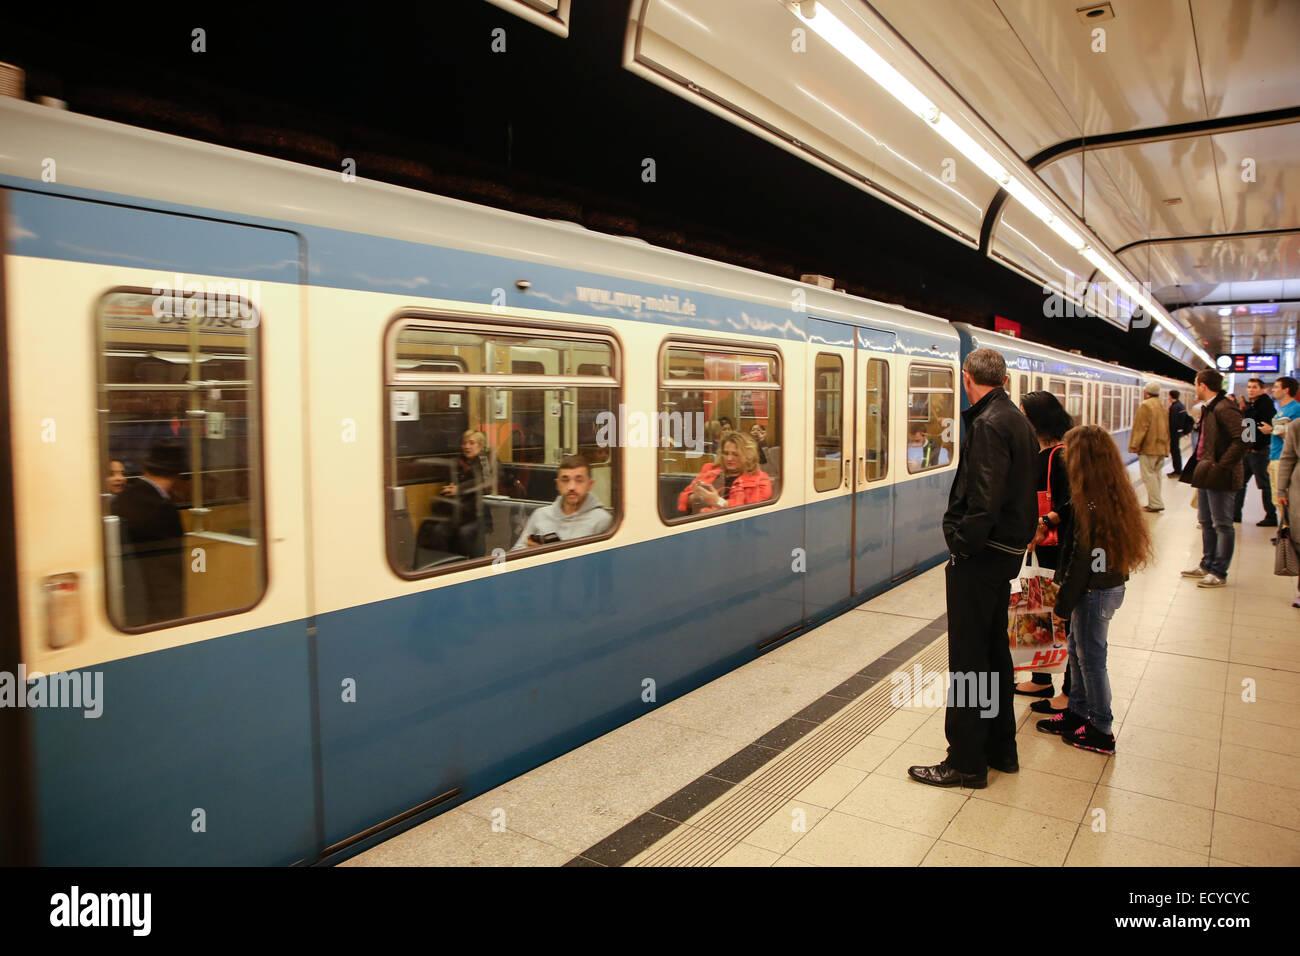 people waiting train inside subway station platform - Stock Image